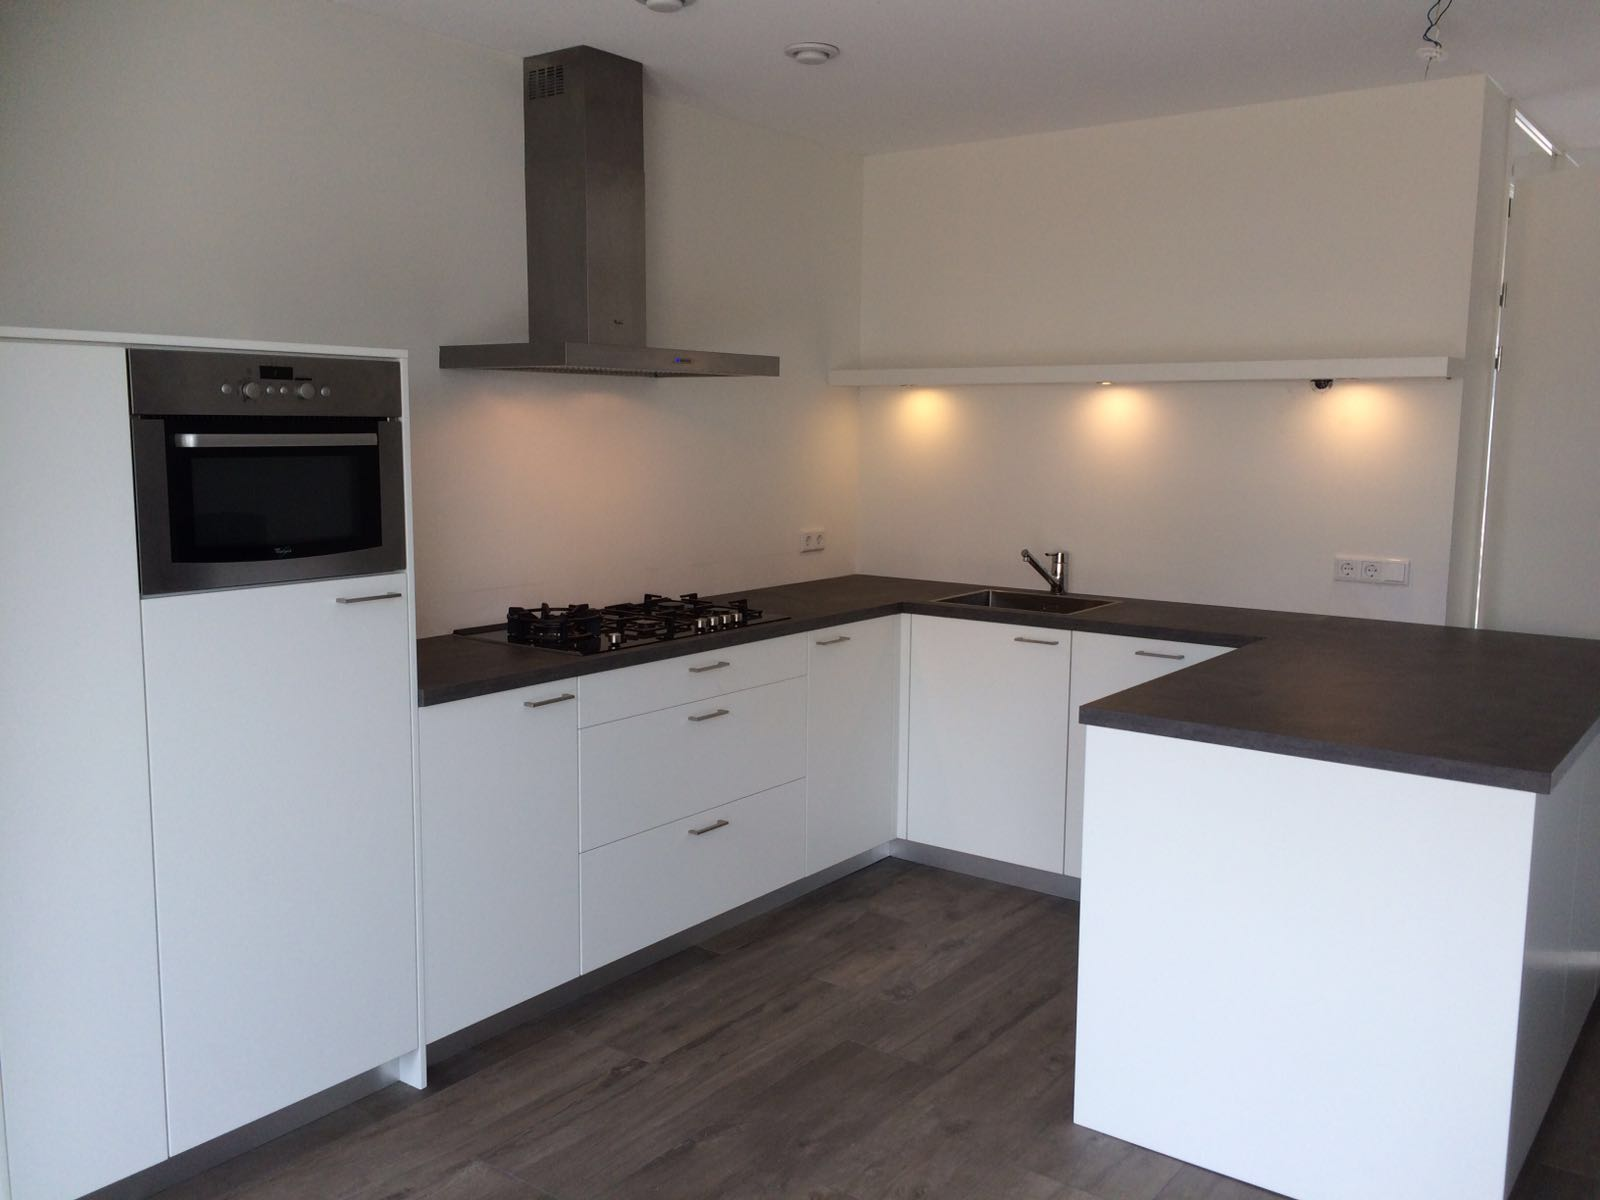 Strakke keuken wit van doren maatinterieurs - Witte keuken voorzien van gelakt ...